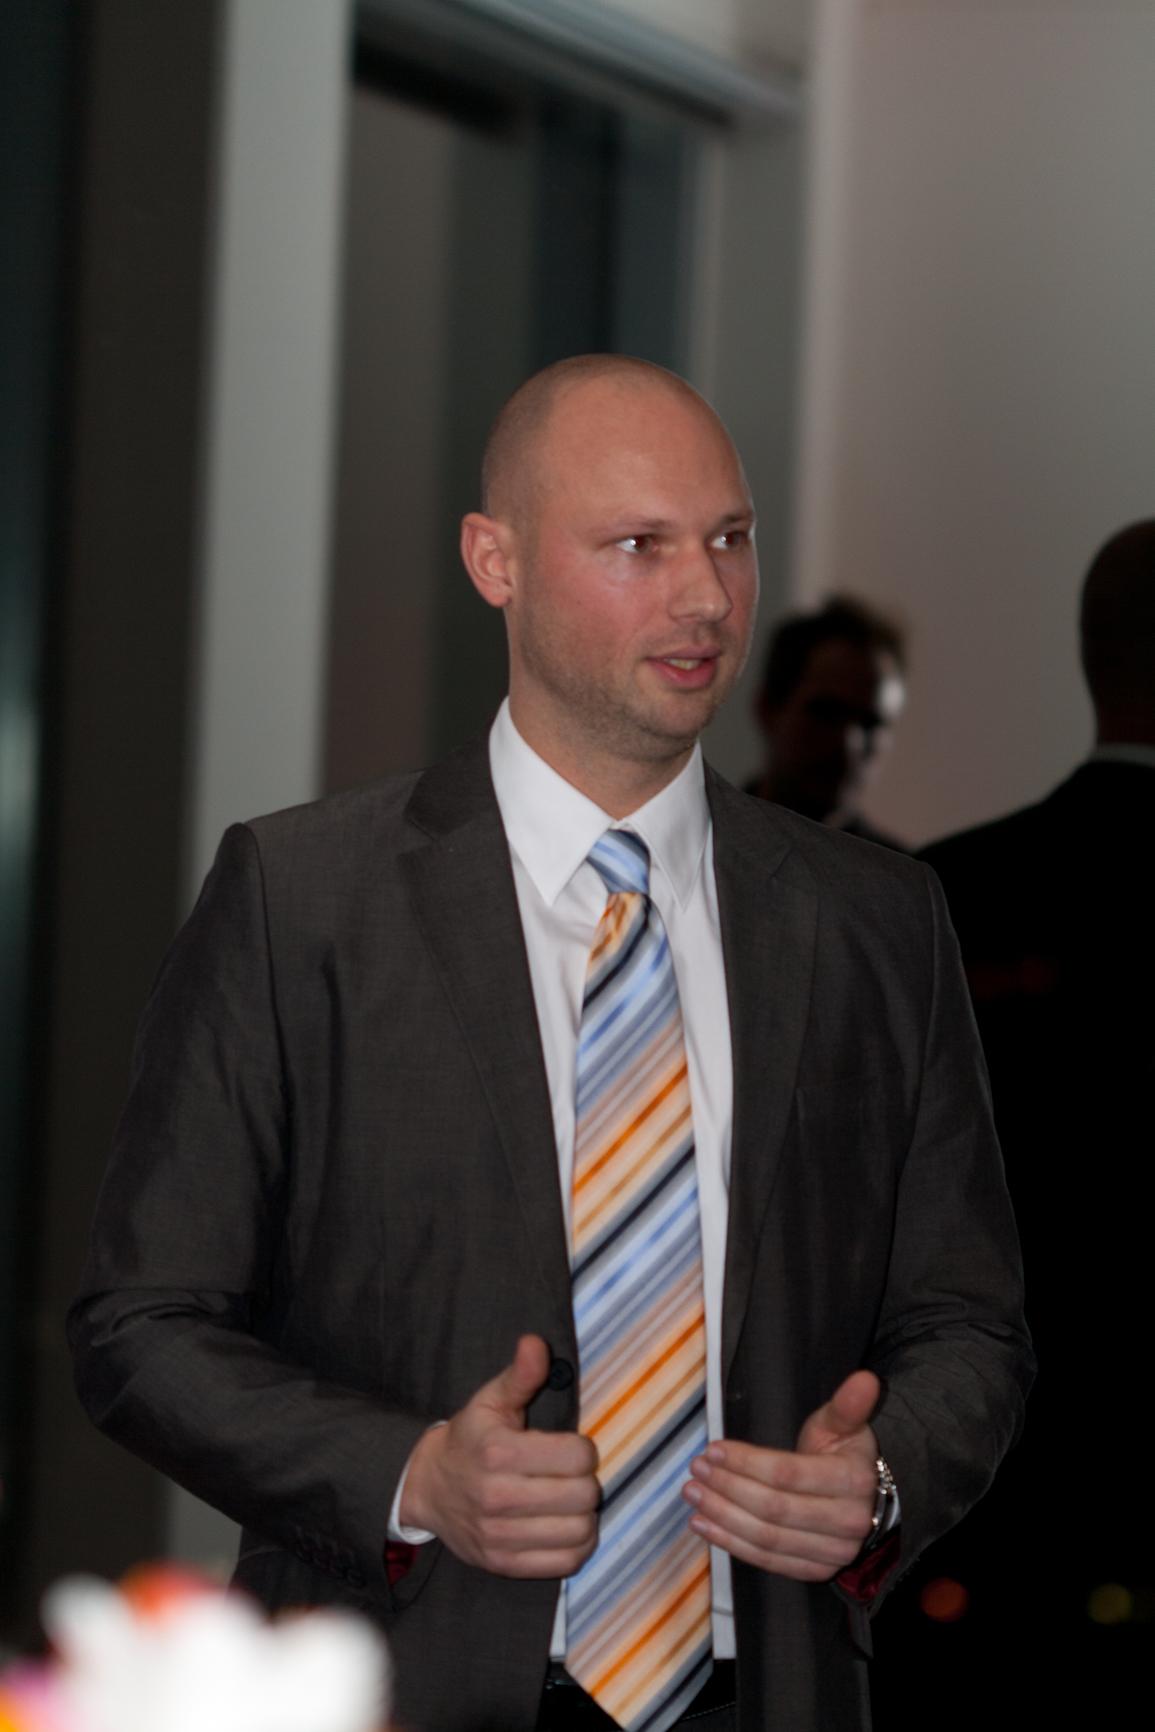 18.4.13: Online Marketing Manager (IHK) Ausbildung im Ruhrgebiet: Kostenloser Infoabend